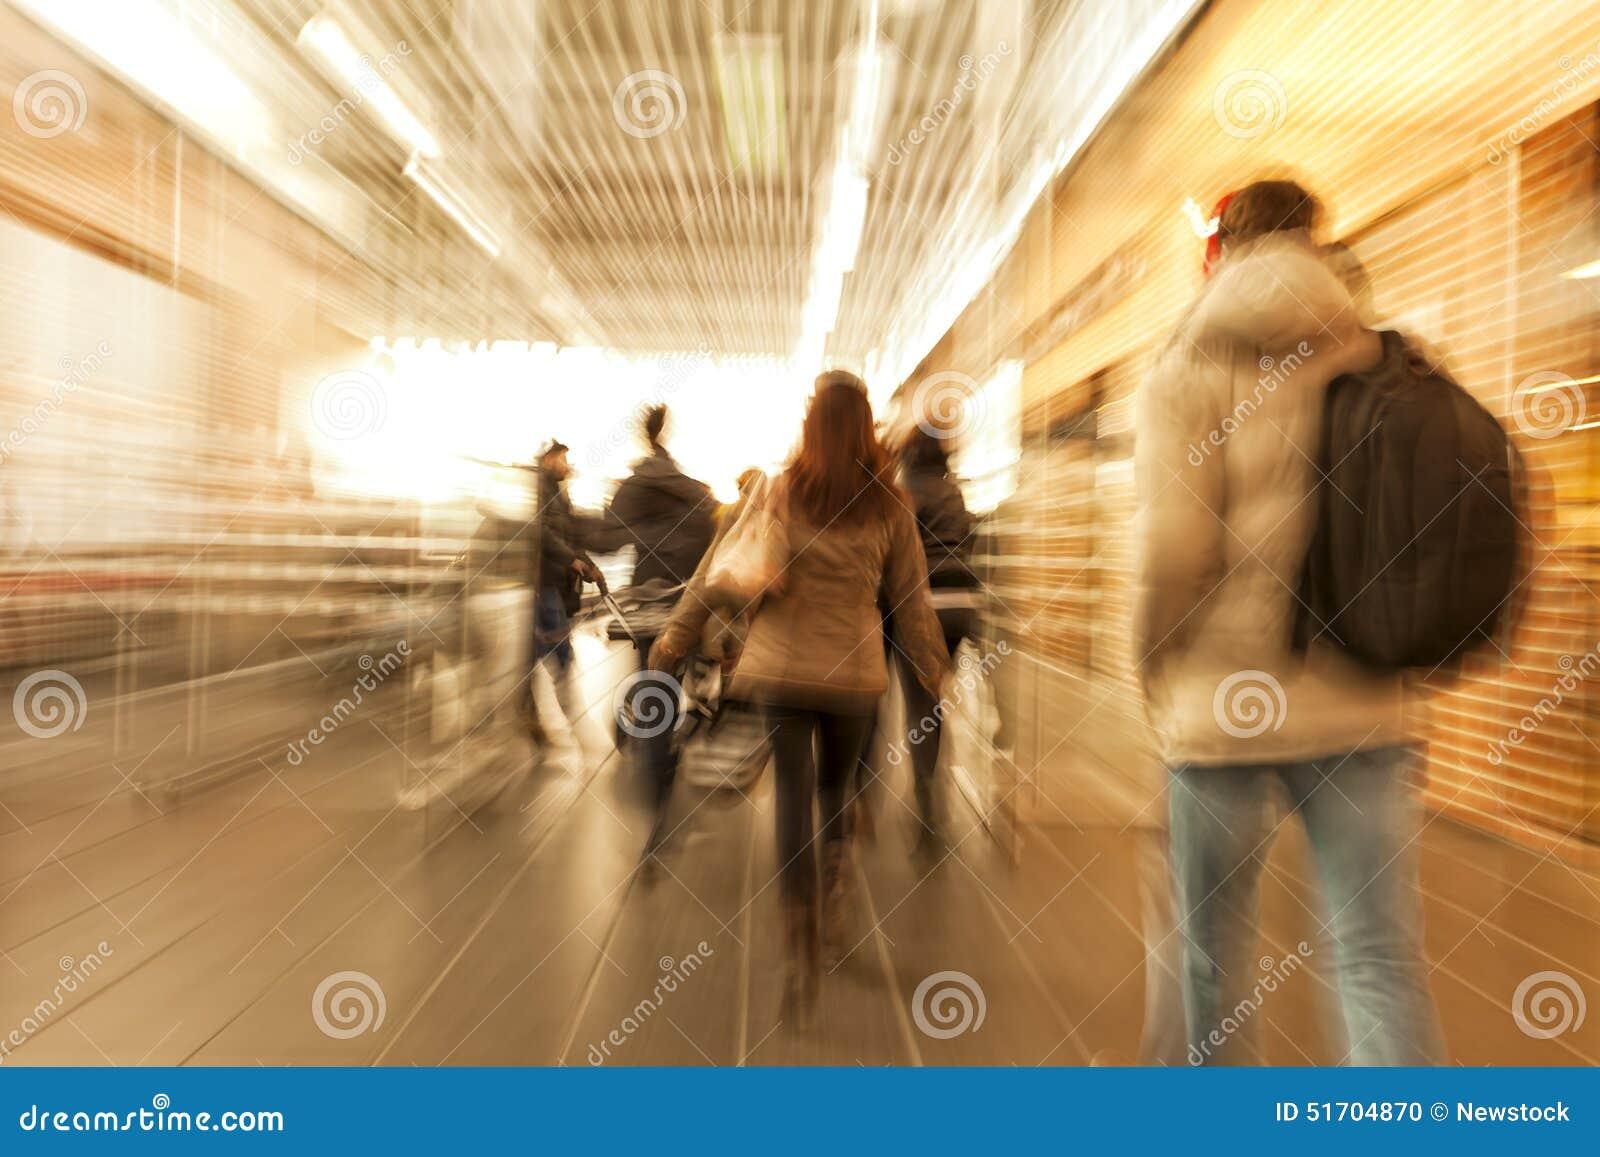 Shoppare som rusar till och med korridoren, zoomeffekt, rörelsesuddighet, kors